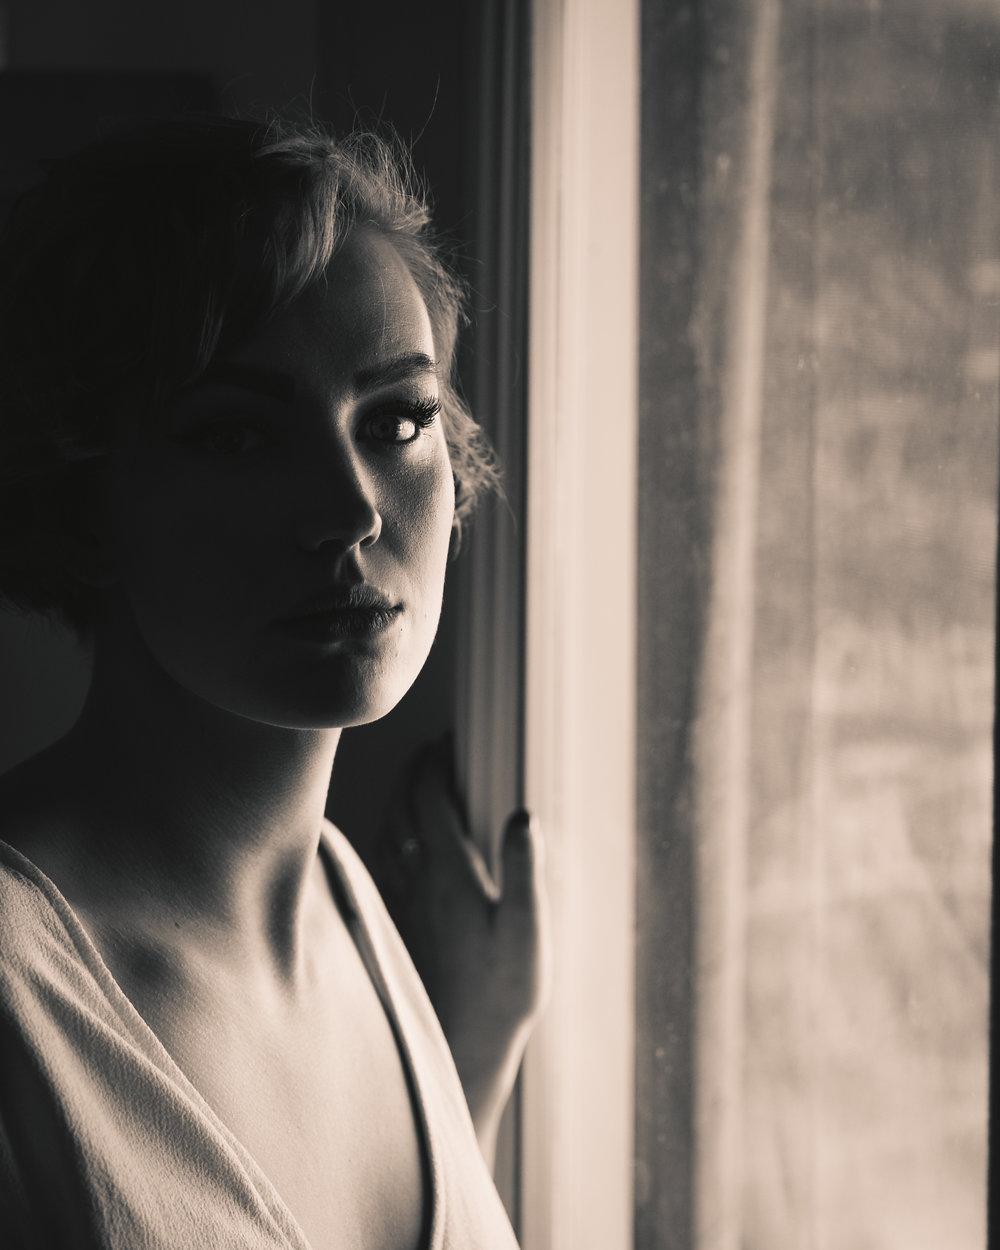 Jana black and white updated 1-  Romance Your Wild (1 of 1).JPG